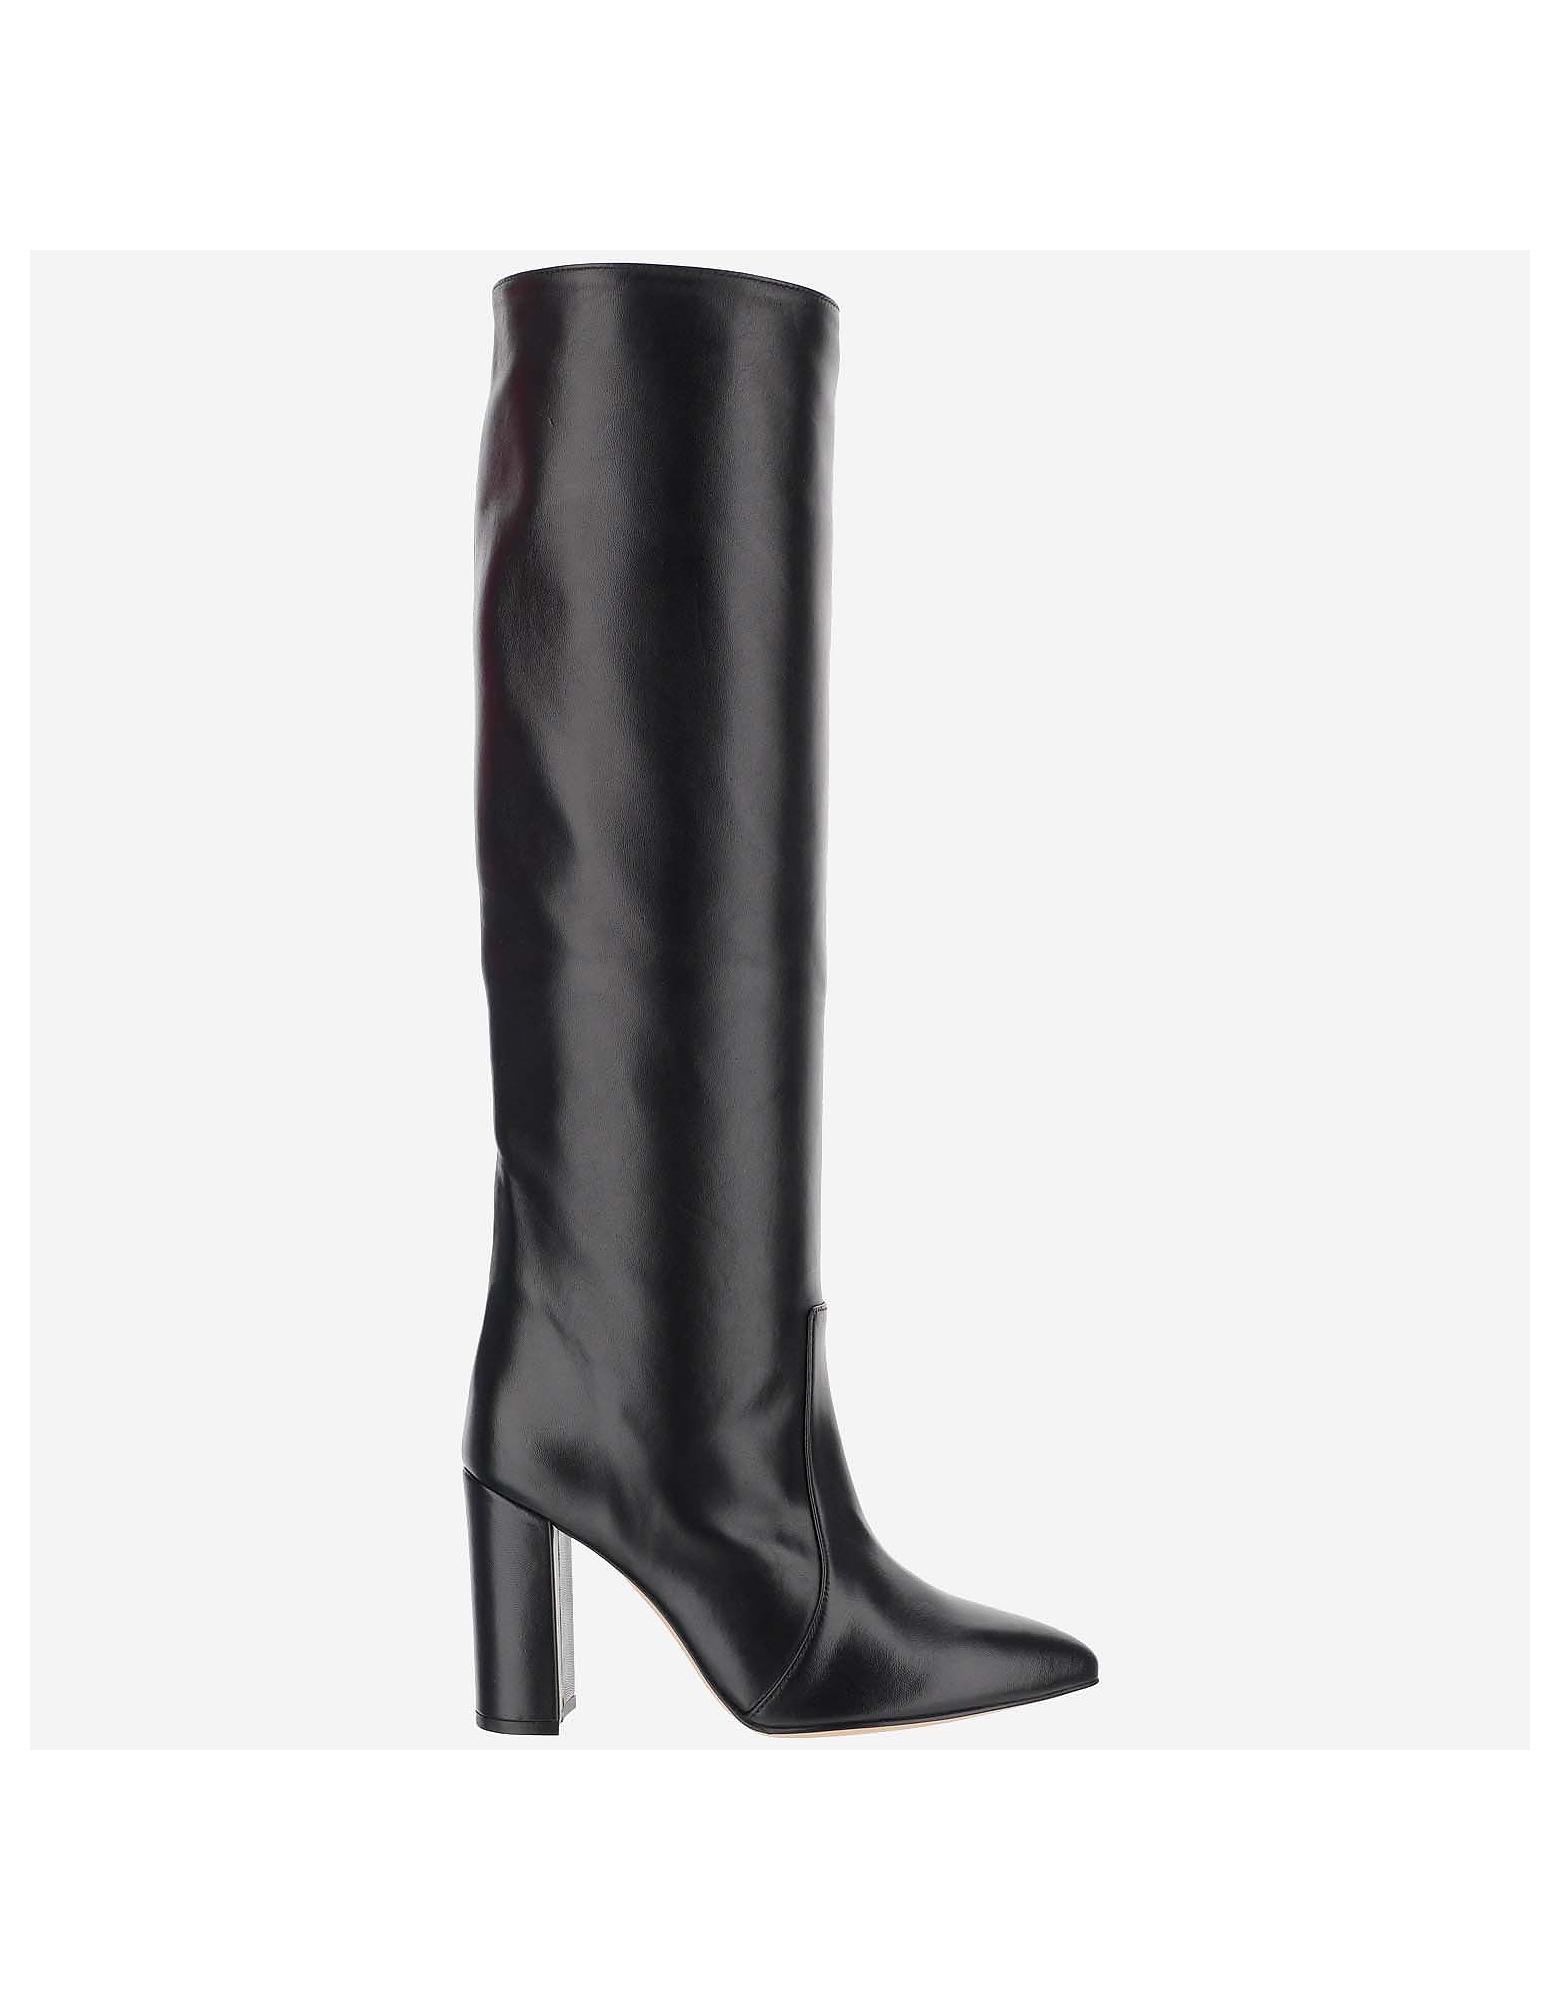 Paris Texas Designer Shoes, Black Ankle Boots